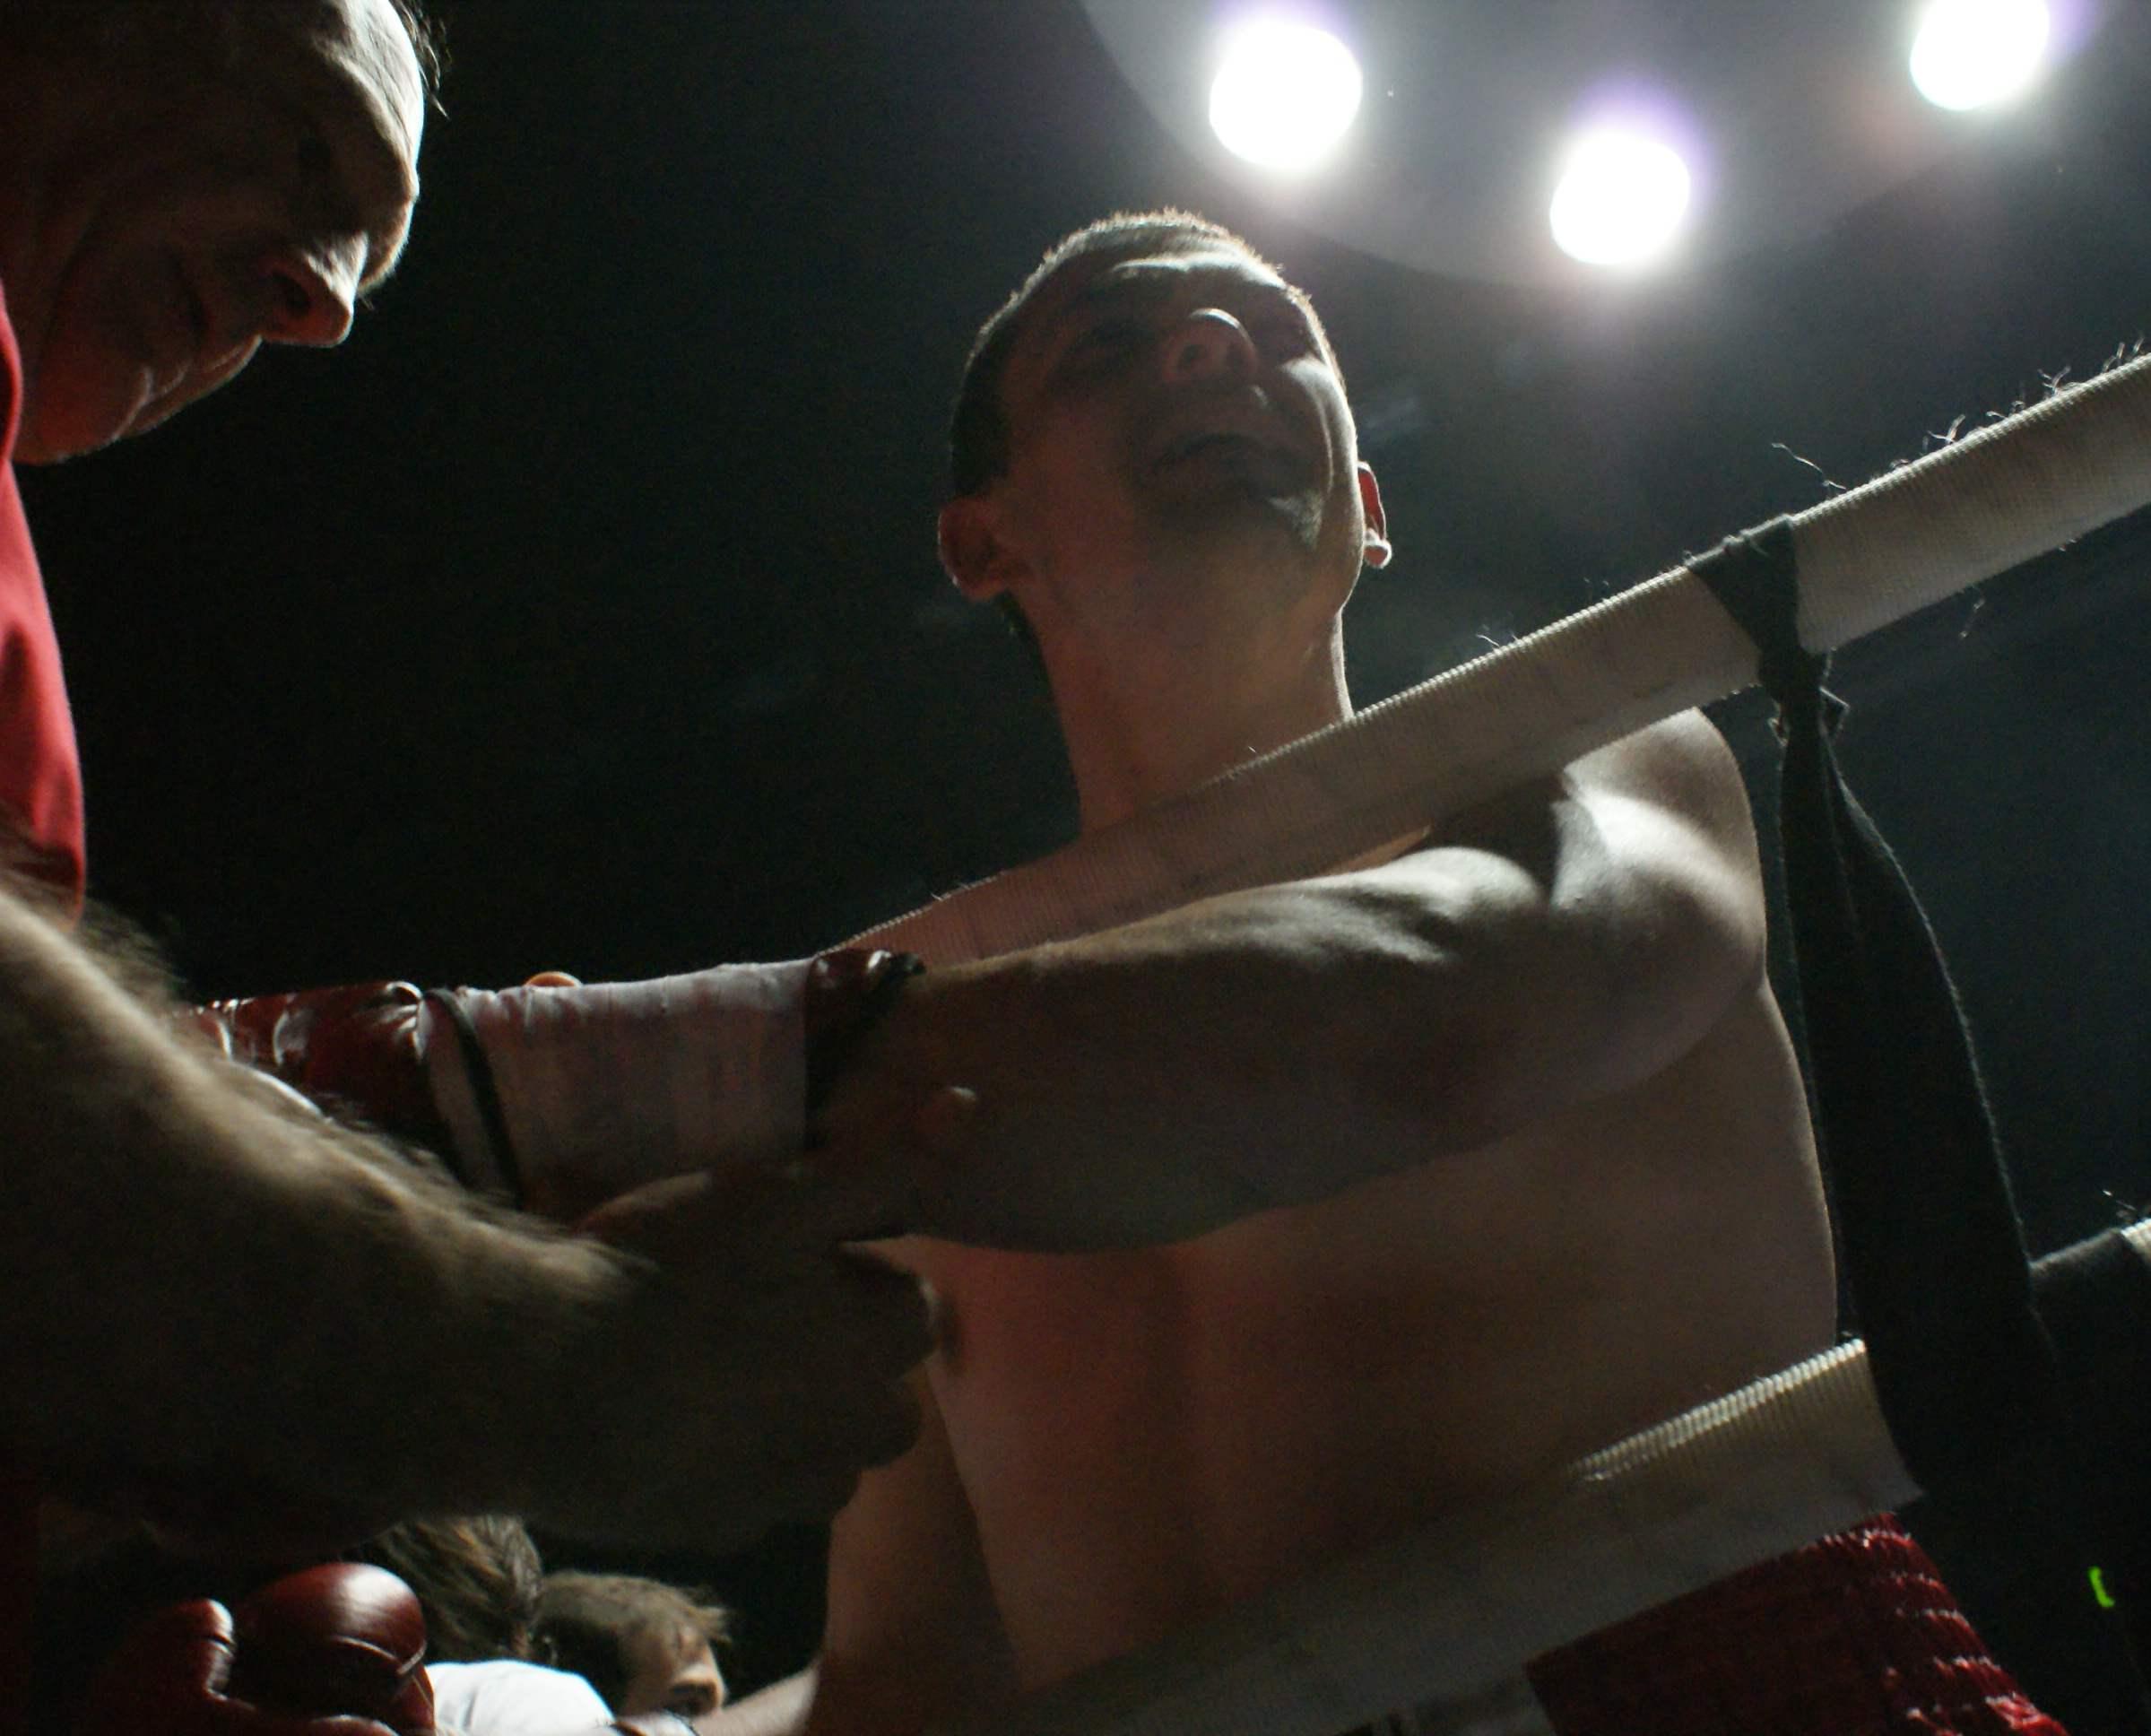 El boxeador profesional Andoni Gago aguarda que le quiten las vendas tras un combate en Bilbao